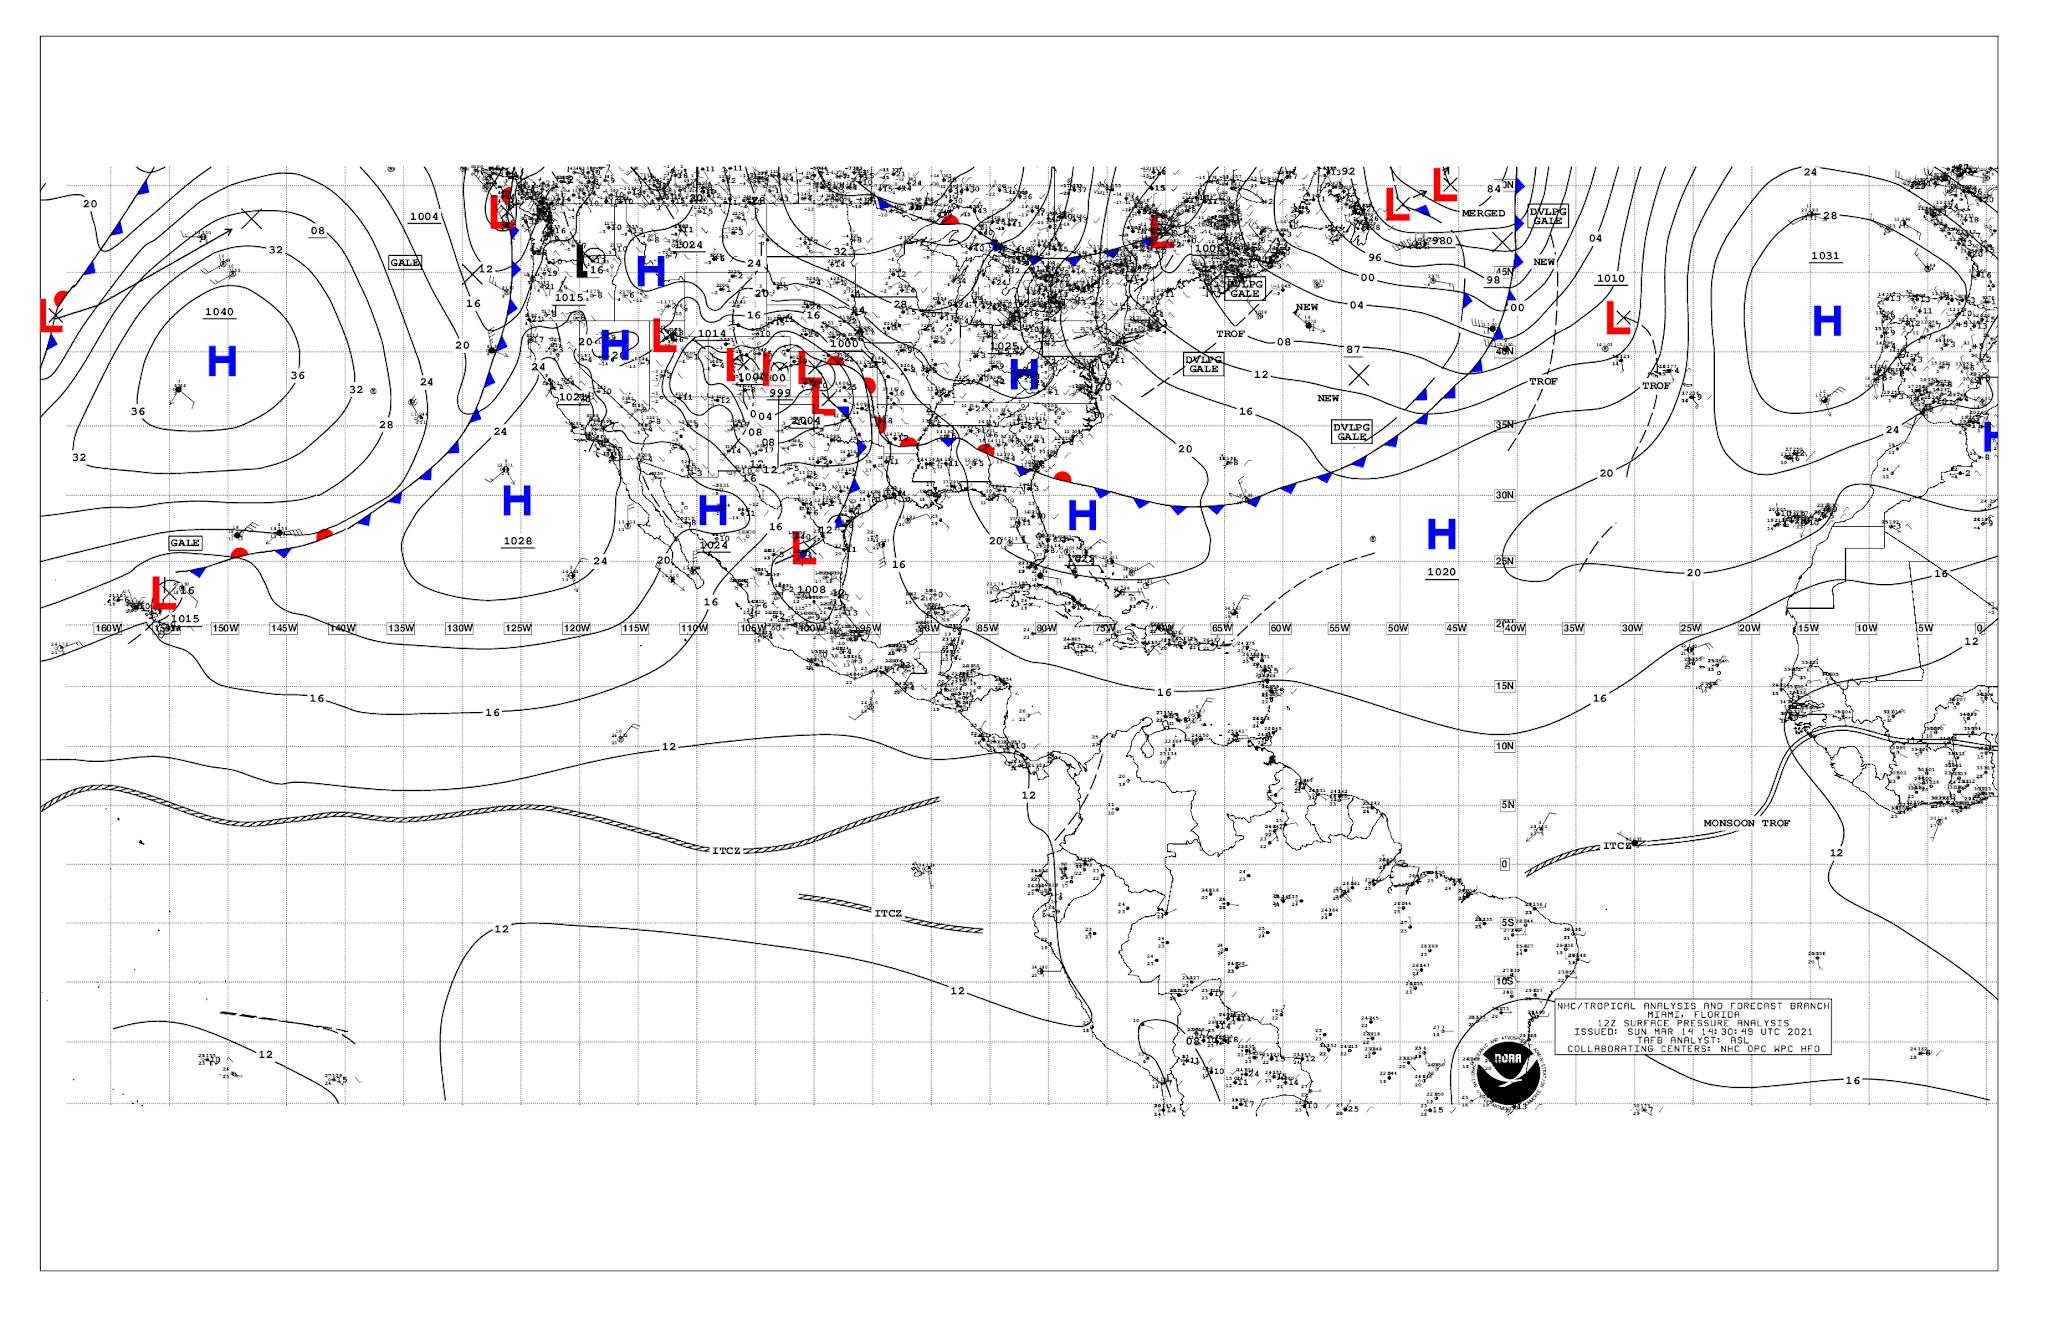 mapa del tiempo en vivo del atlantico y pacifico